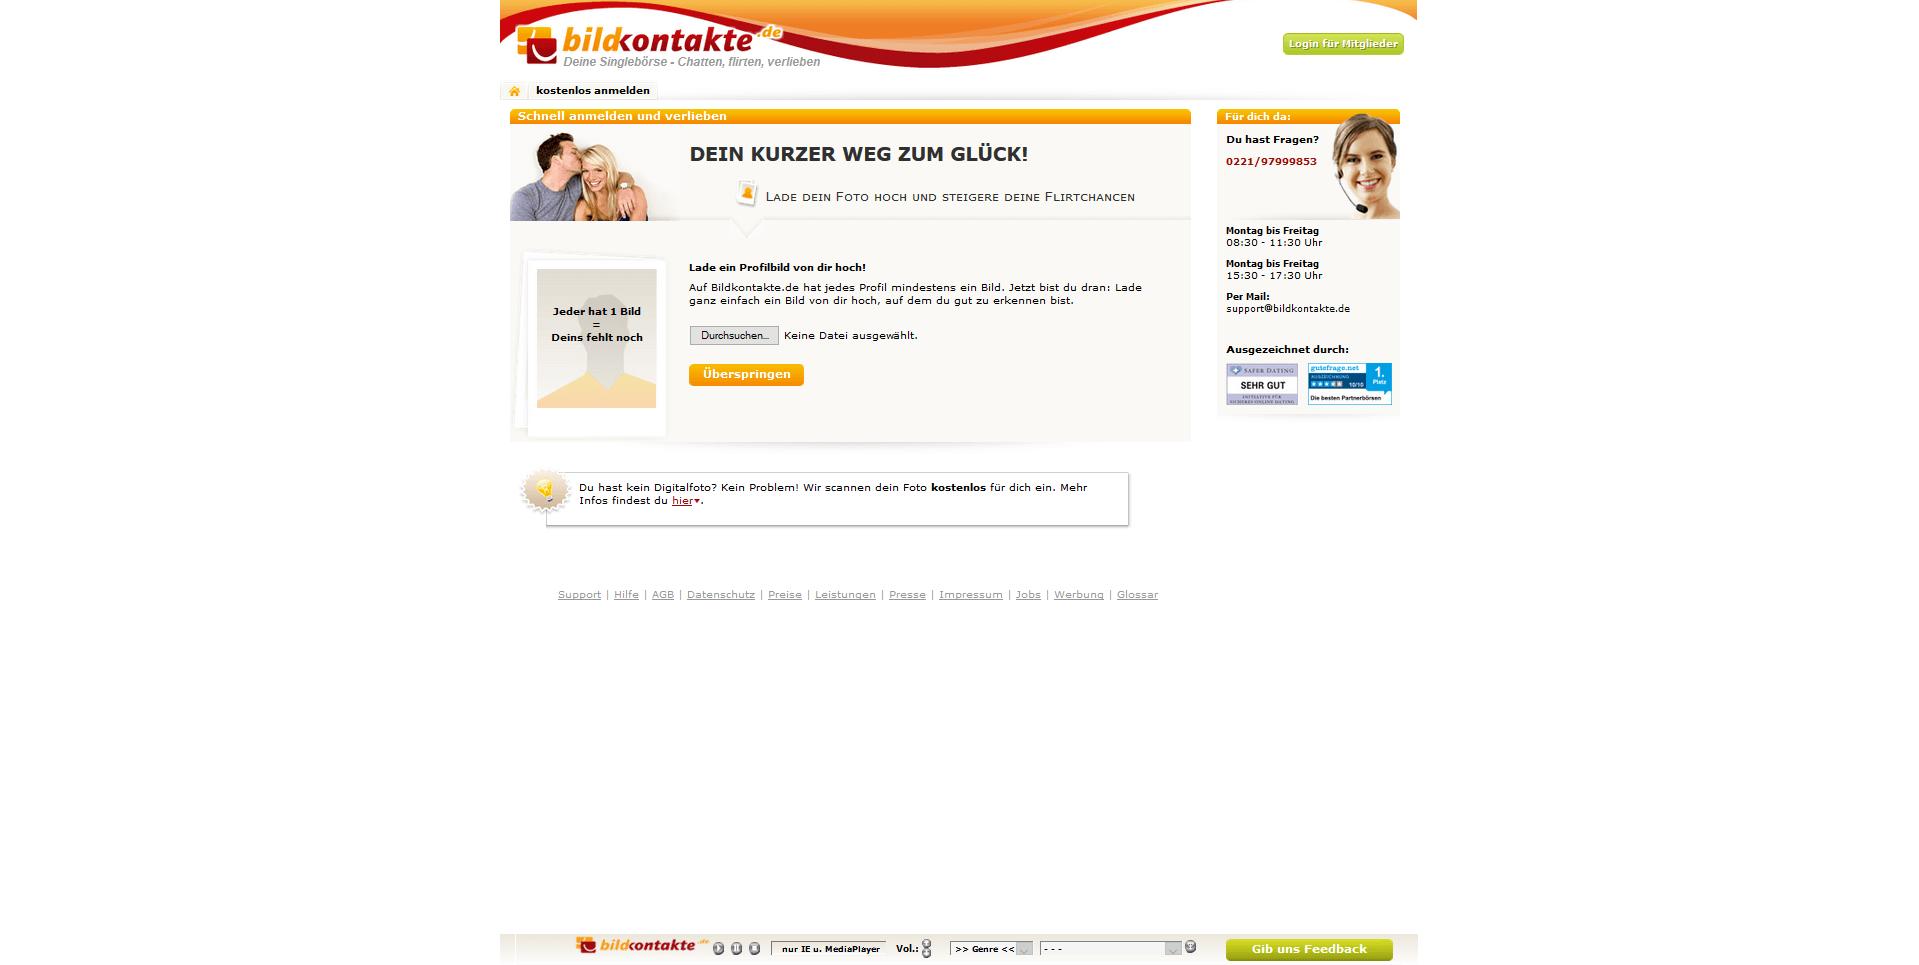 Vergleich von Seniorendating-Seiten